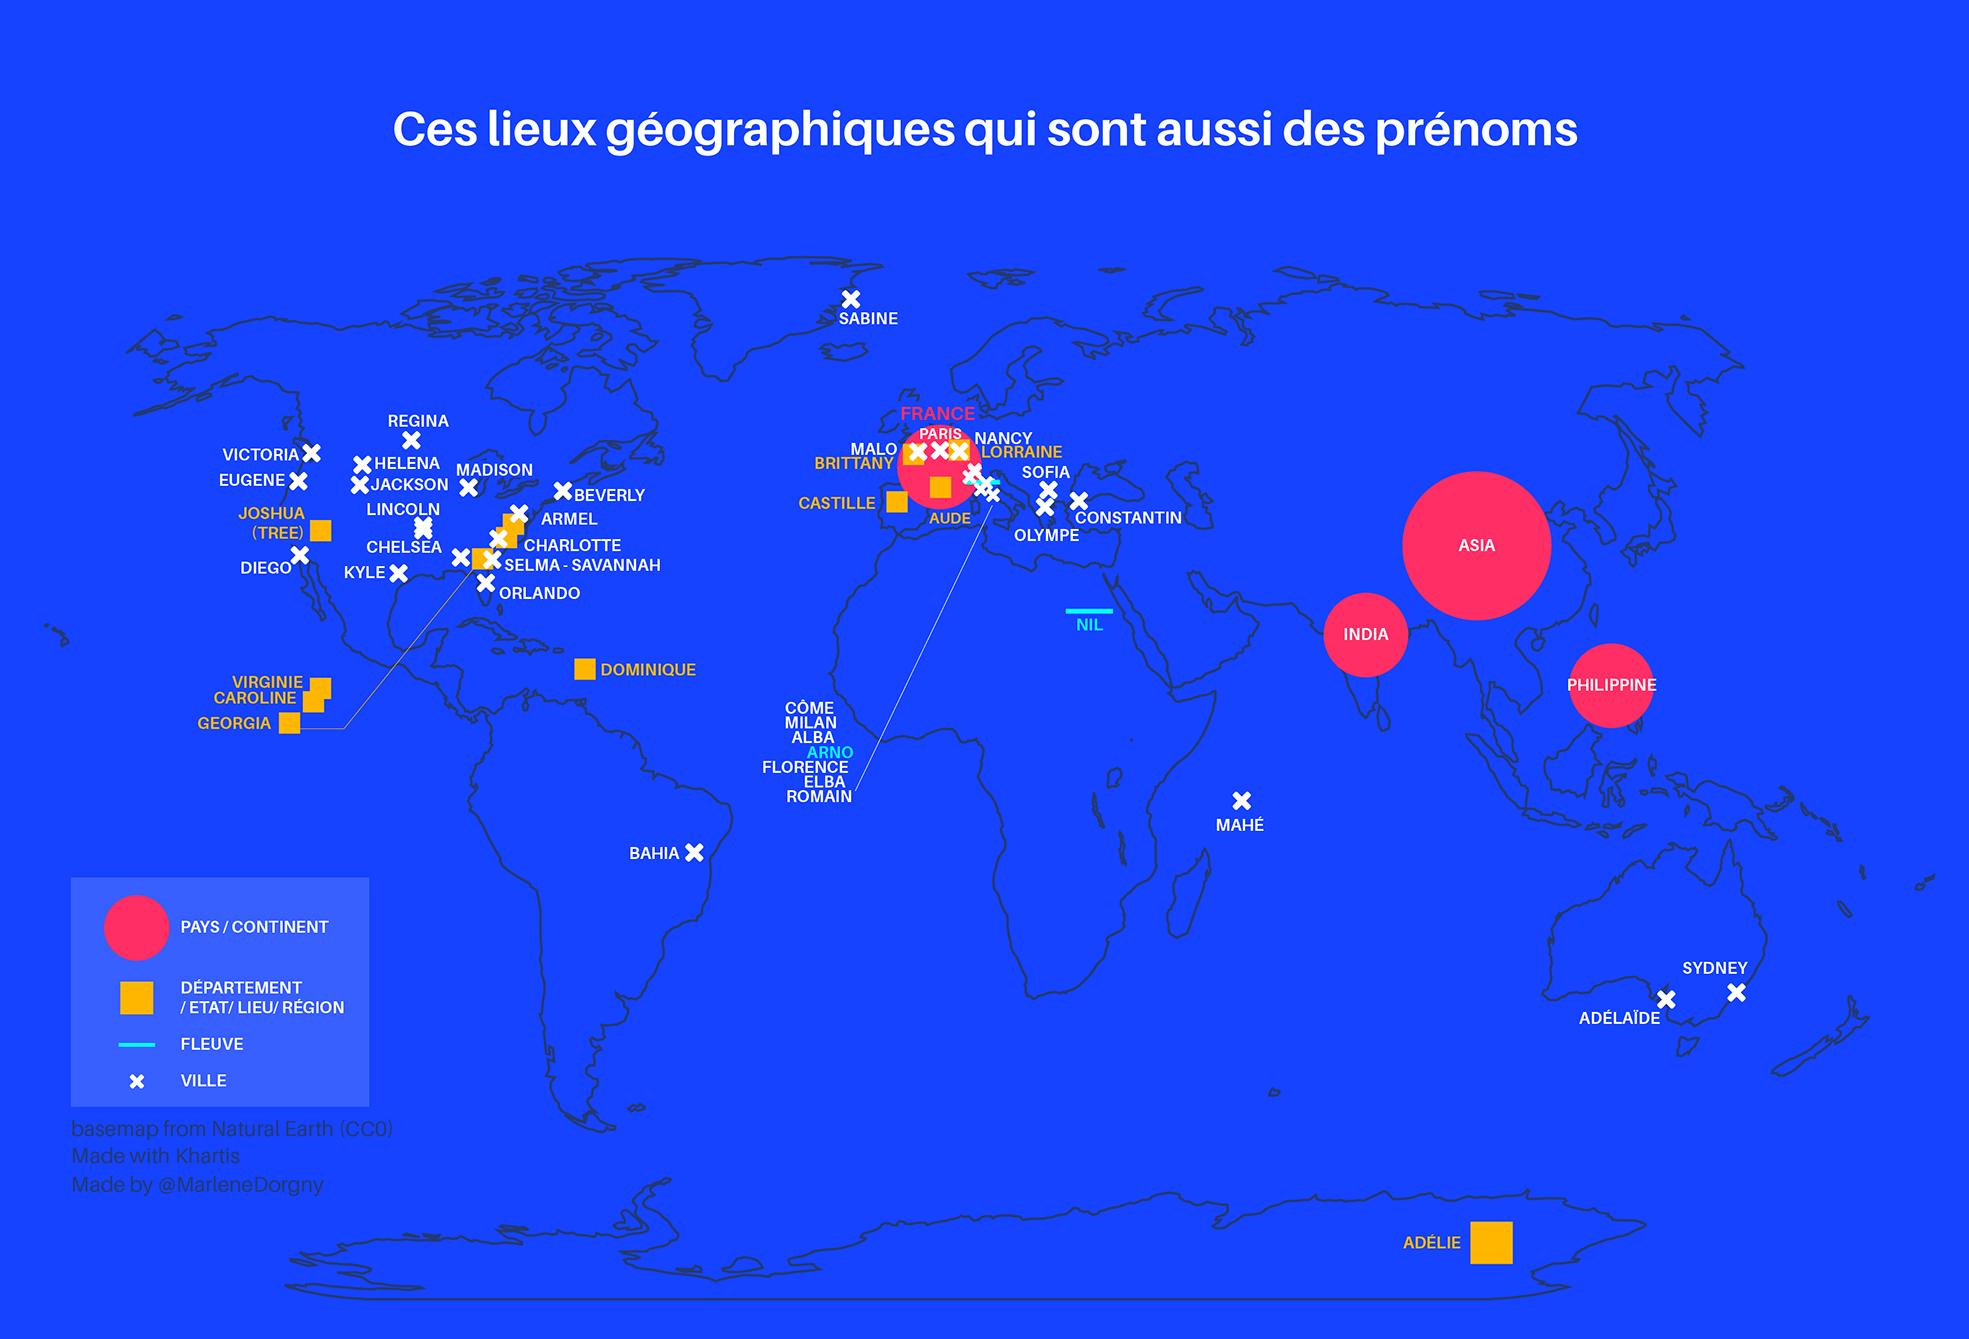 Cartographie monde des villes et endroits qui sont aussi des prénoms